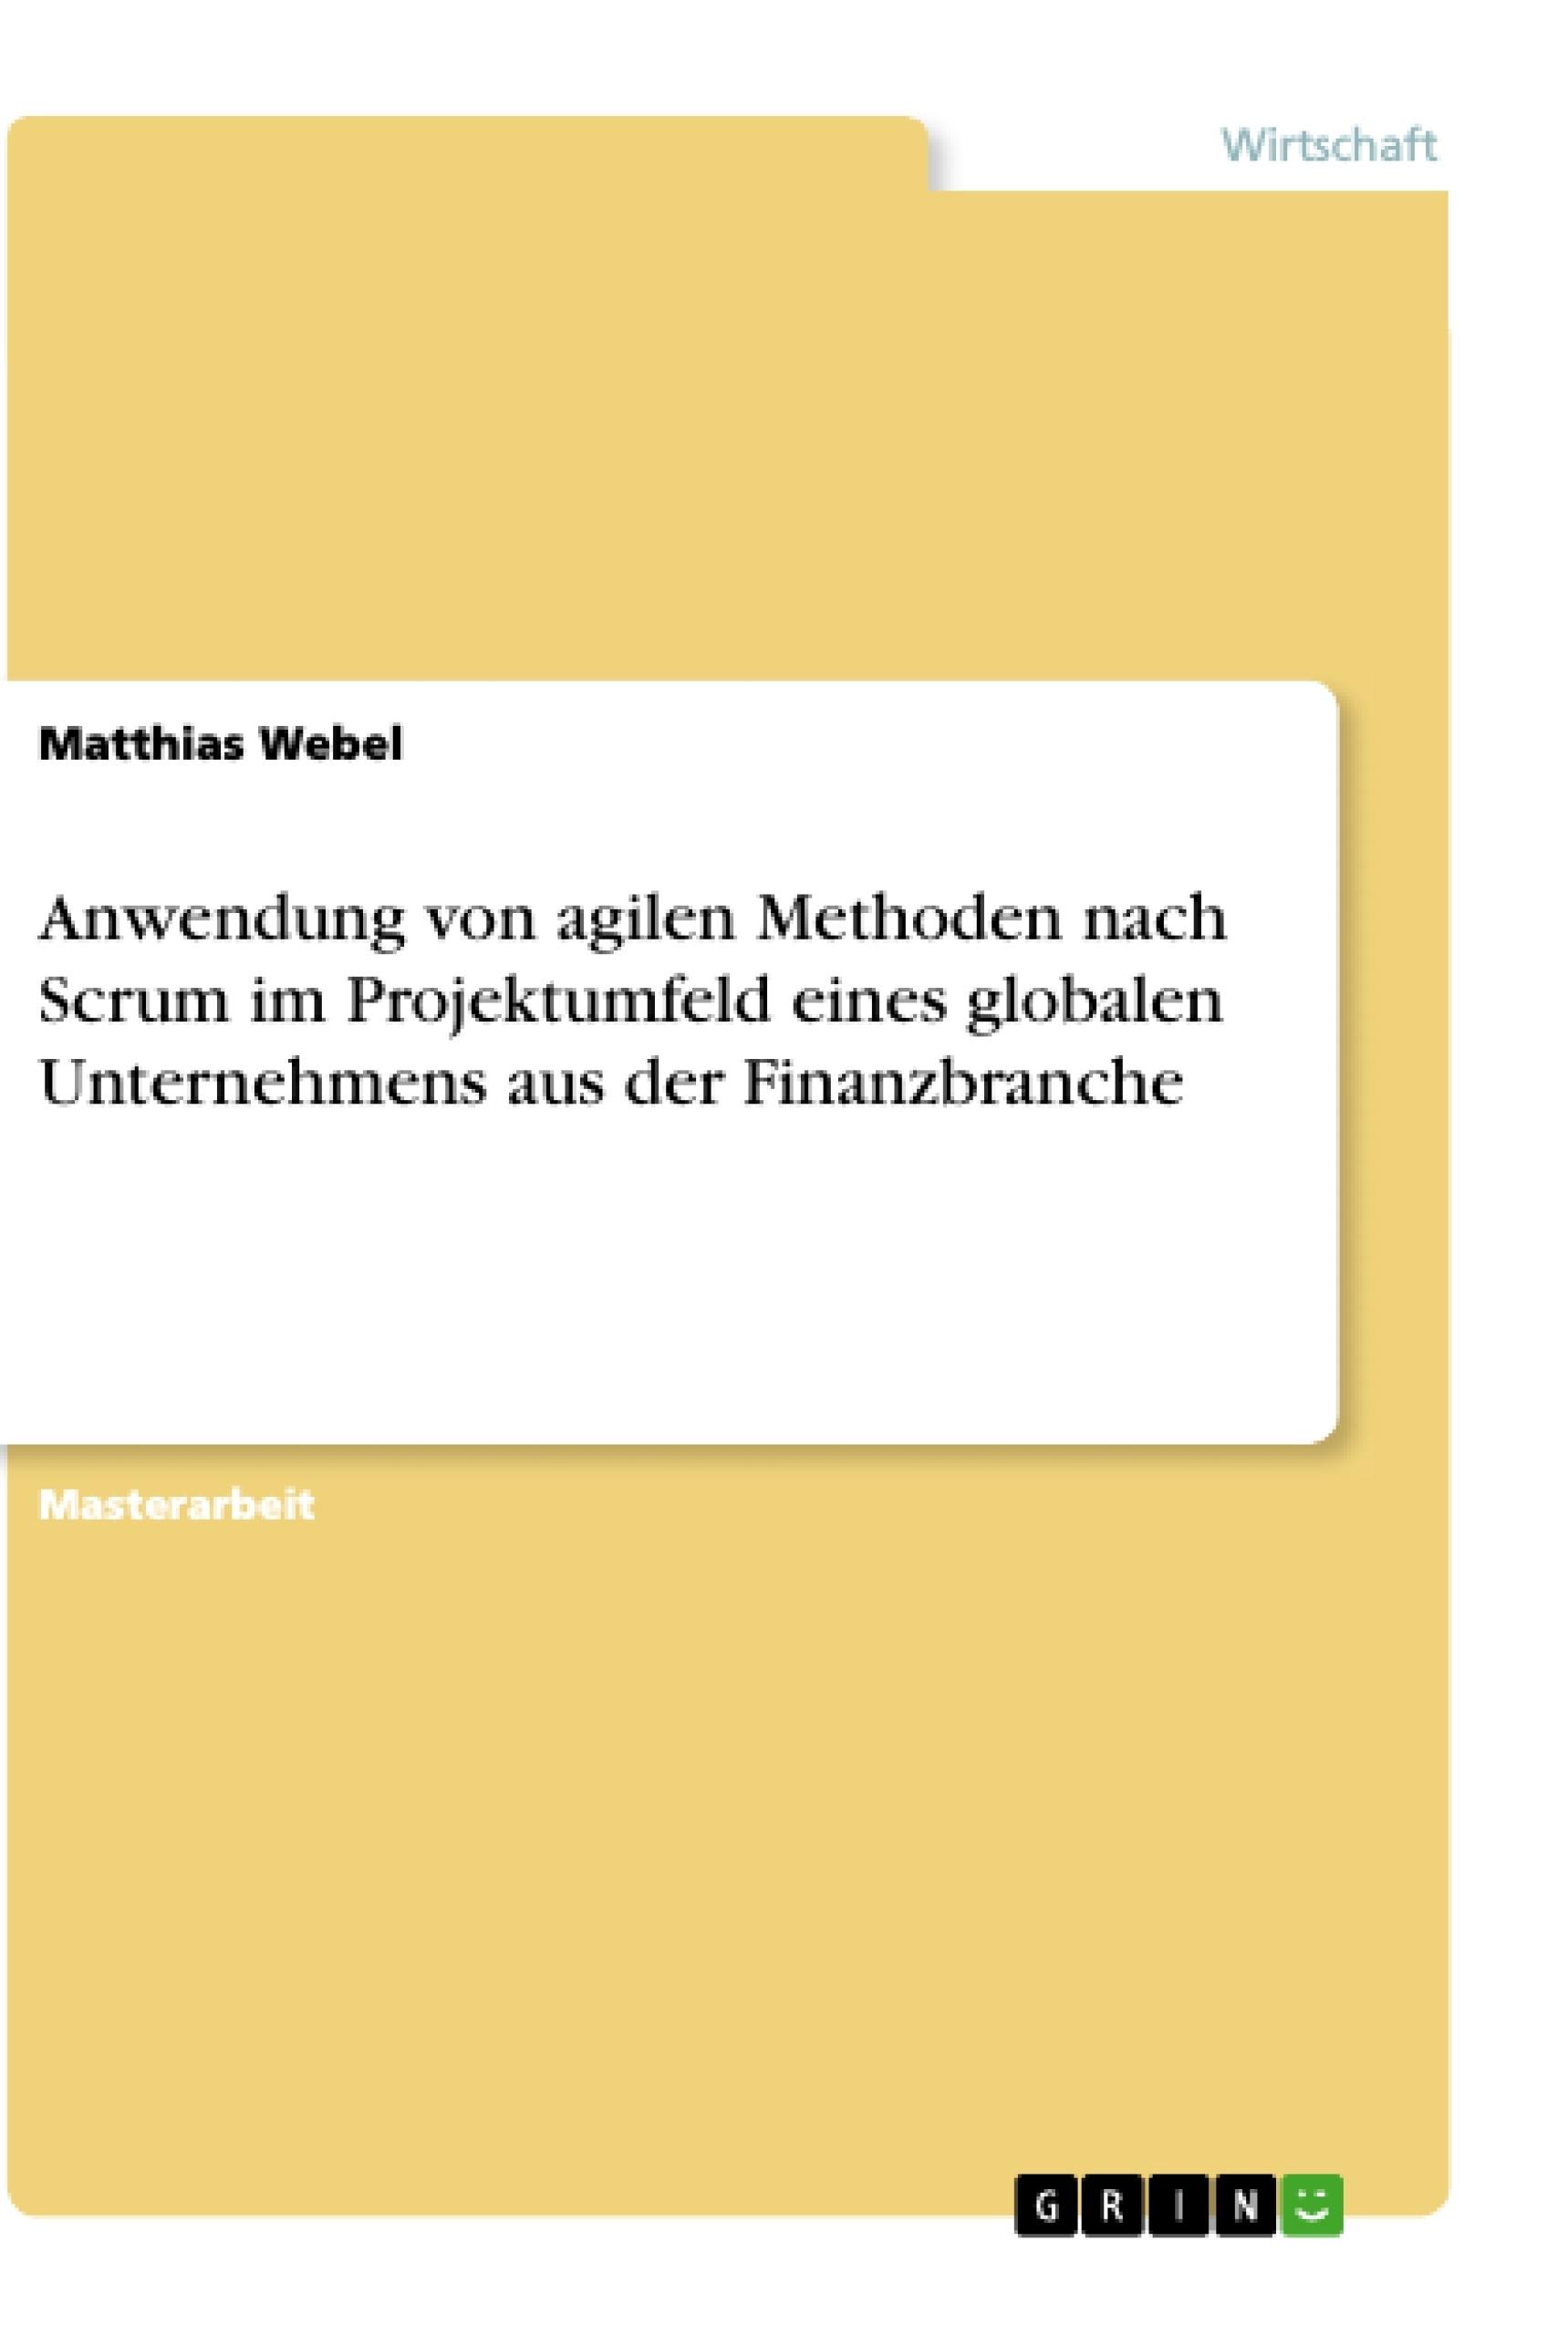 Titel: Anwendung von agilen Methoden nach Scrum im Projektumfeld eines globalen Unternehmens aus der Finanzbranche